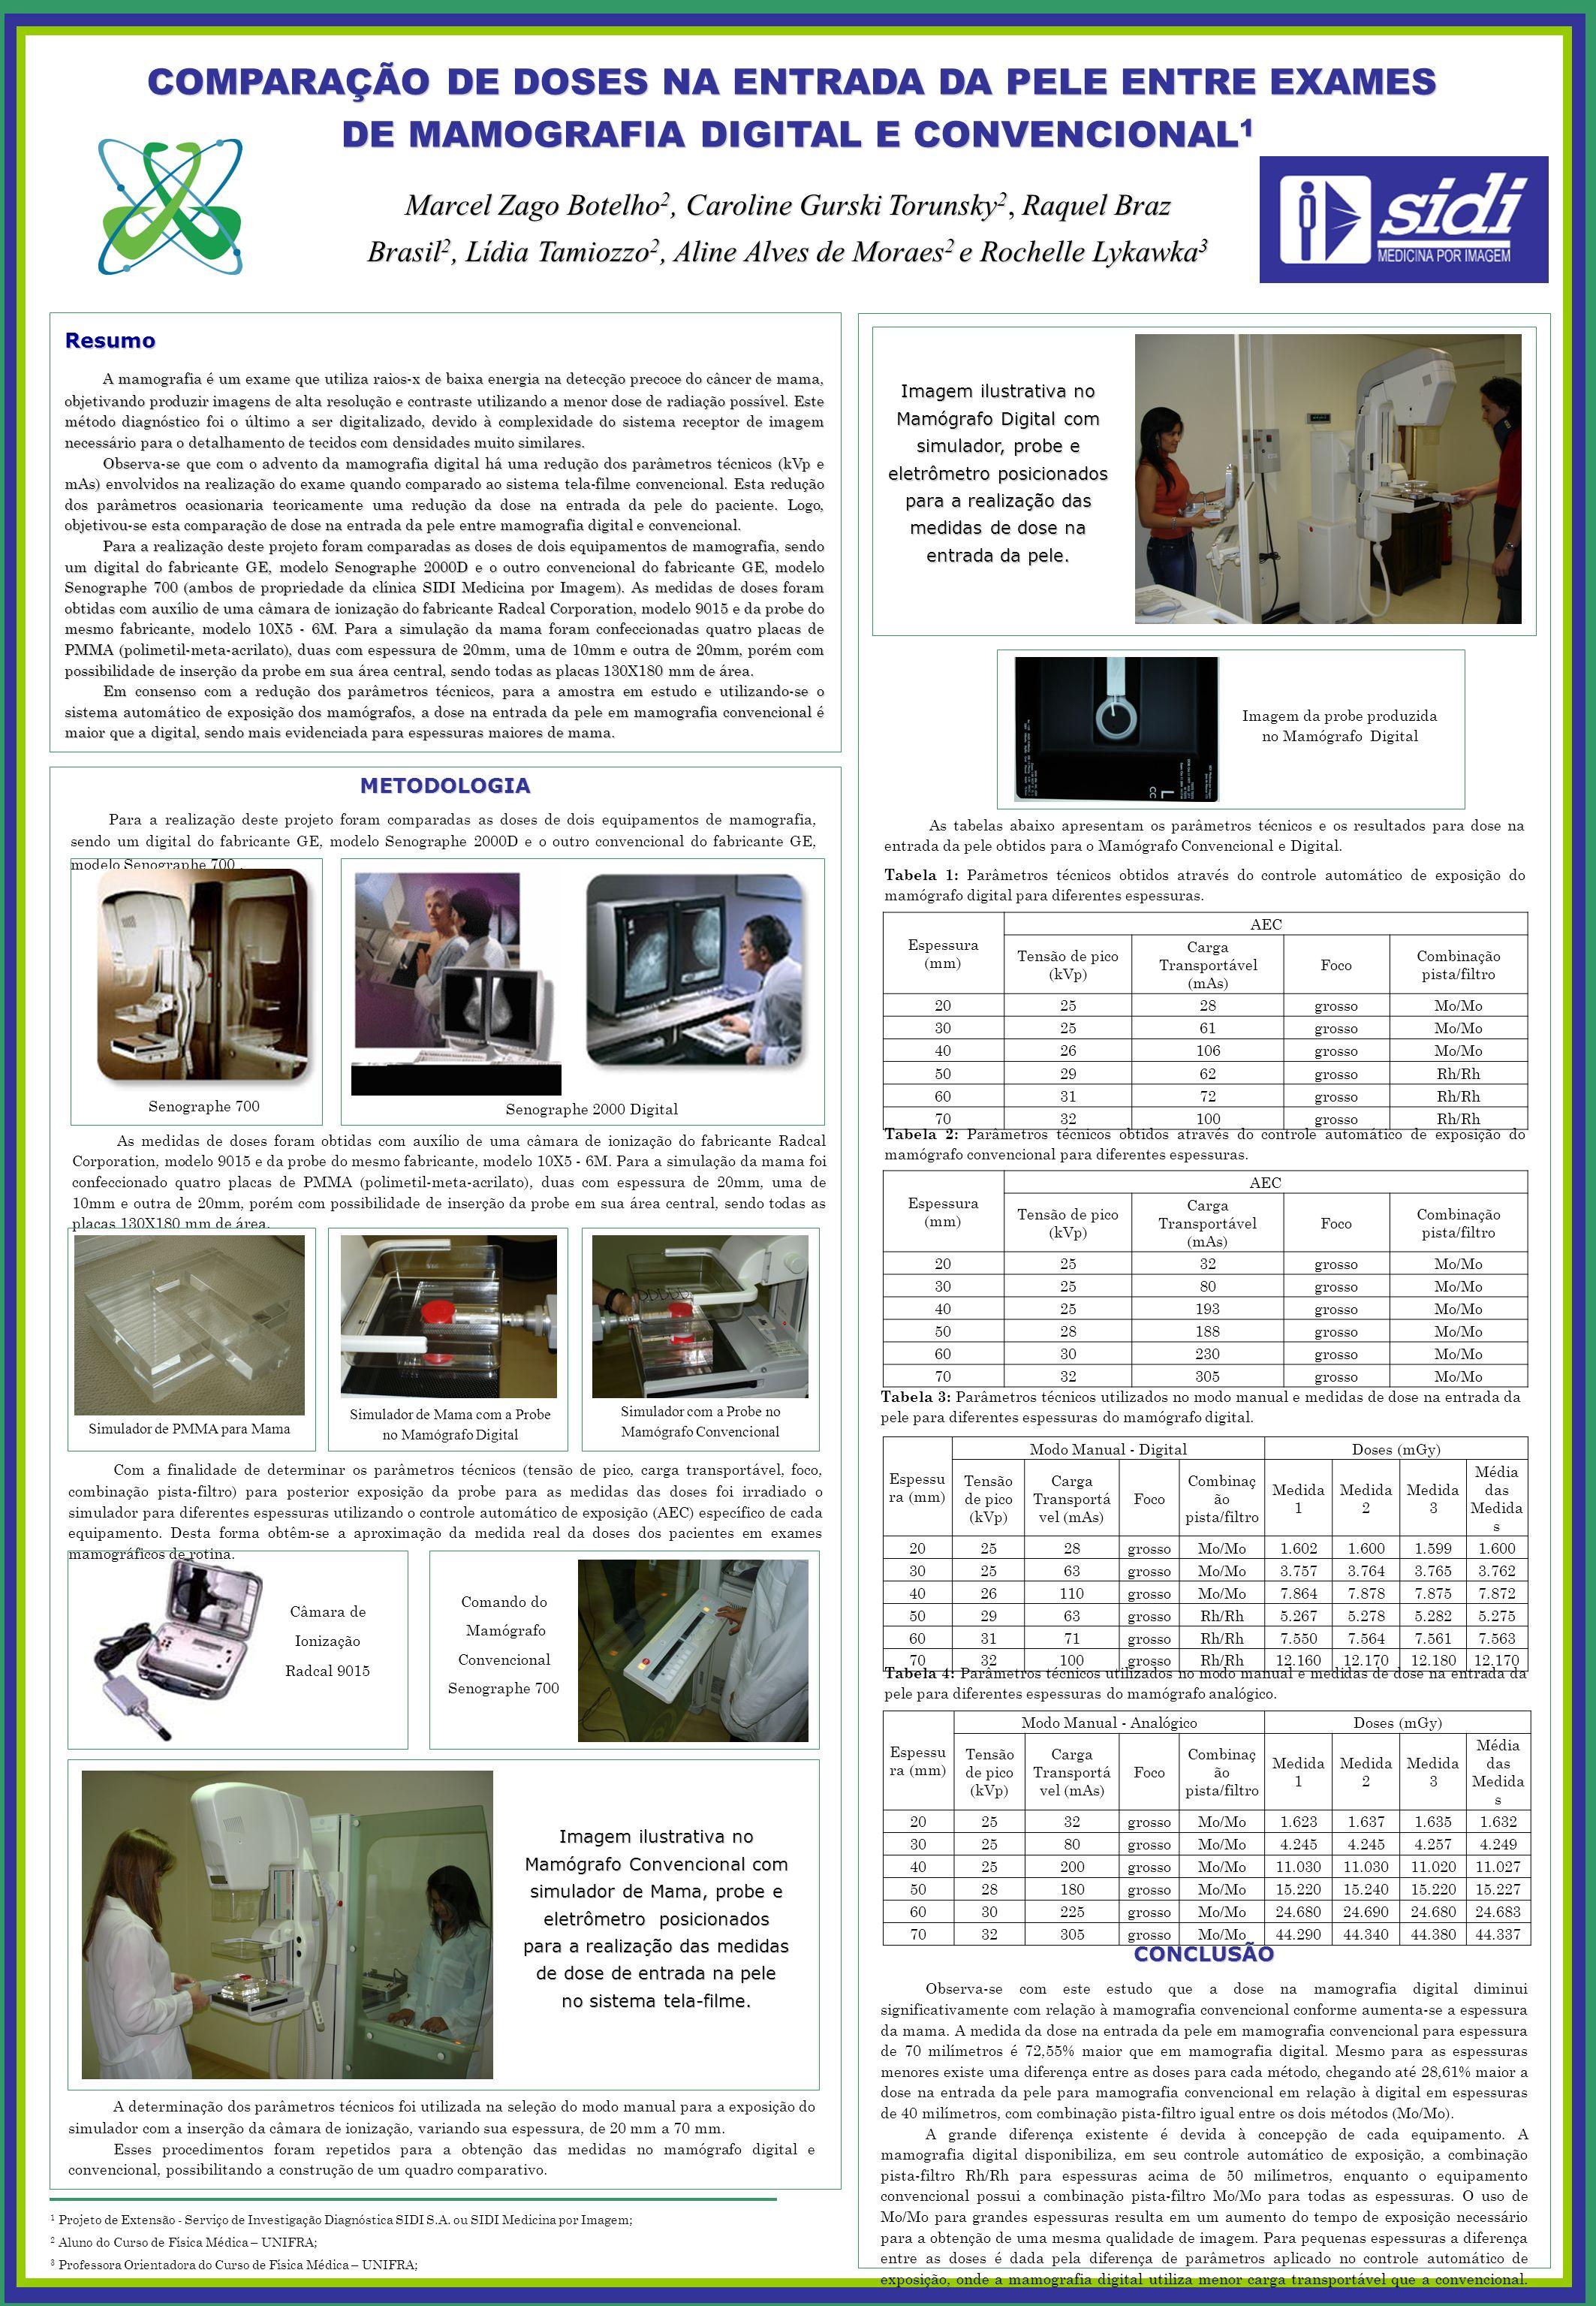 COMPARAÇÃO DE DOSES NA ENTRADA DA PELE ENTRE EXAMES DE MAMOGRAFIA DIGITAL E CONVENCIONAL 1 DE MAMOGRAFIA DIGITAL E CONVENCIONAL 1 Resumo A mamografia